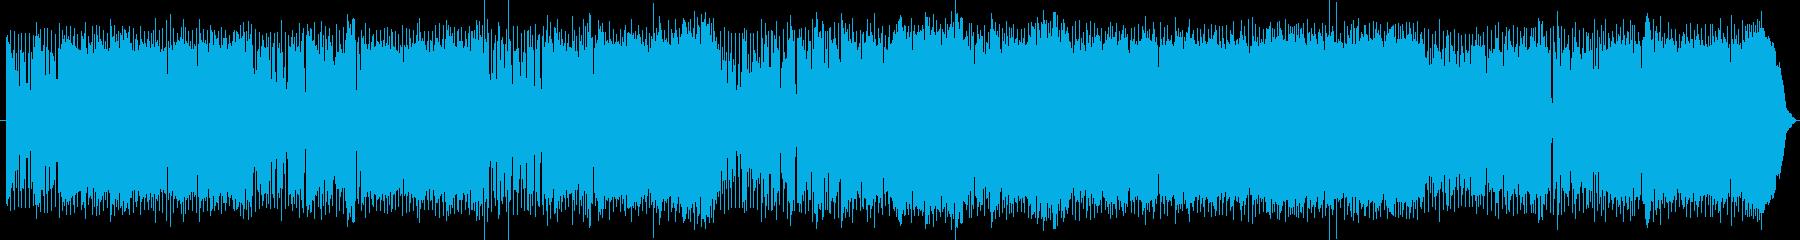 ゆったりしつつも陽気で軽快なファンクの再生済みの波形